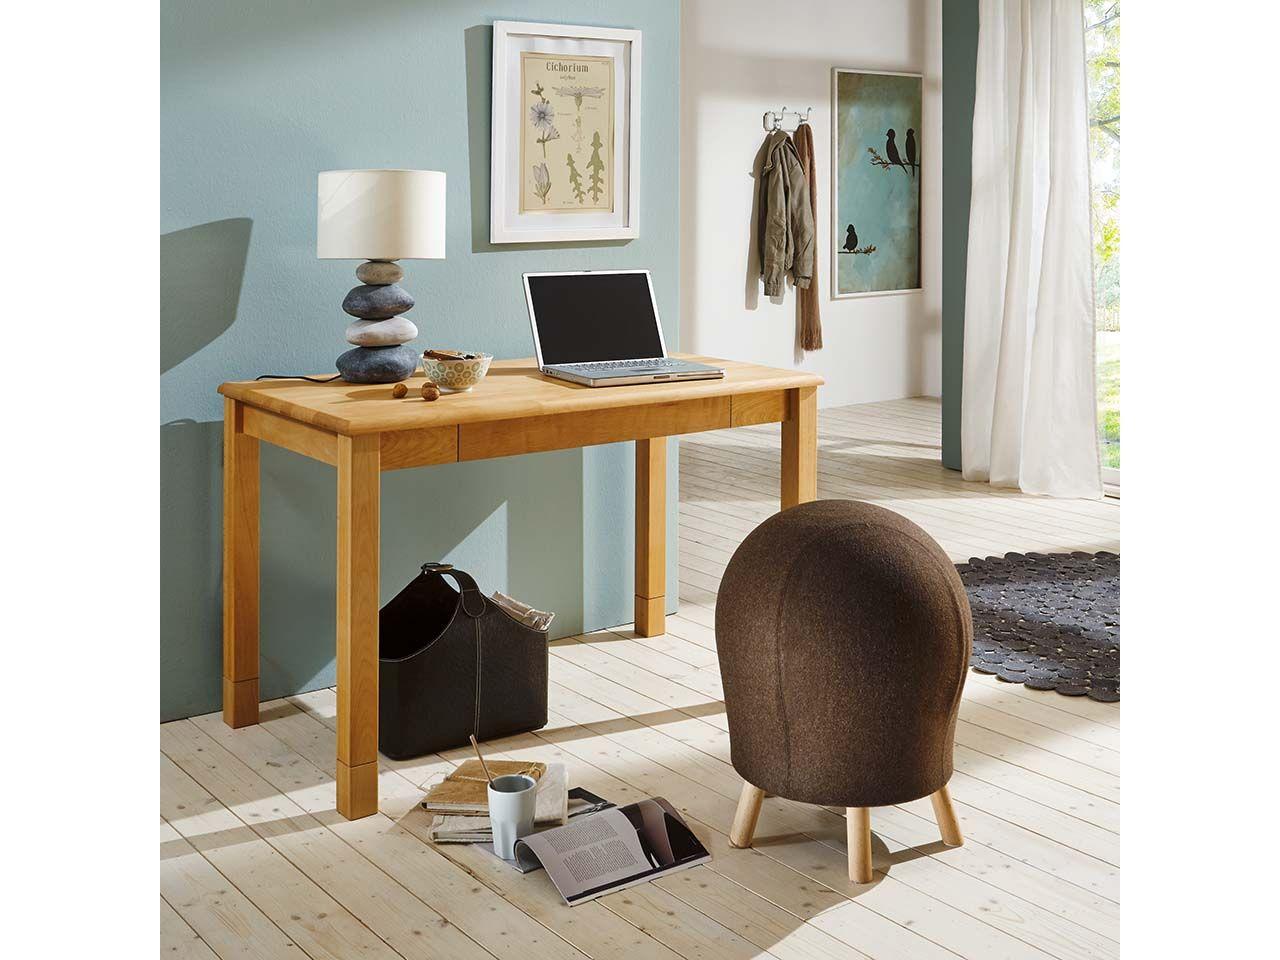 Schreibtisch aus massiver Buche 120 x 65 cm 215.65.120